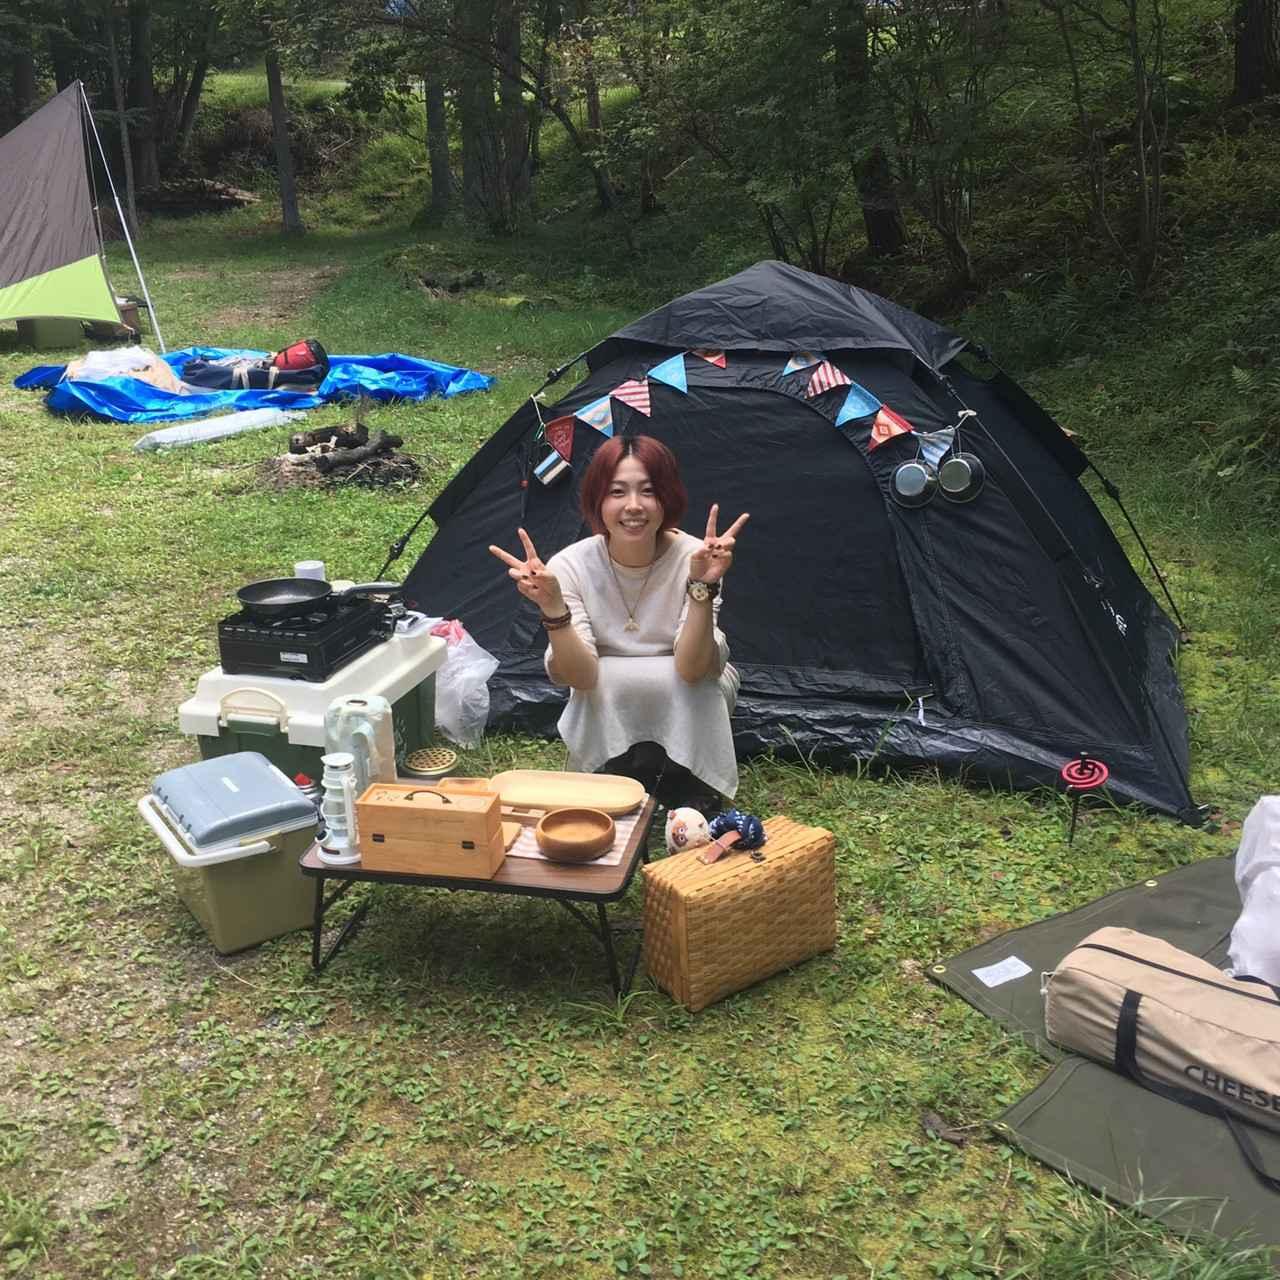 画像: 女子だってキャンプは楽しい!初心者女子に向けて楽しさを3つご紹介します - ハピキャン(HAPPY CAMPER)